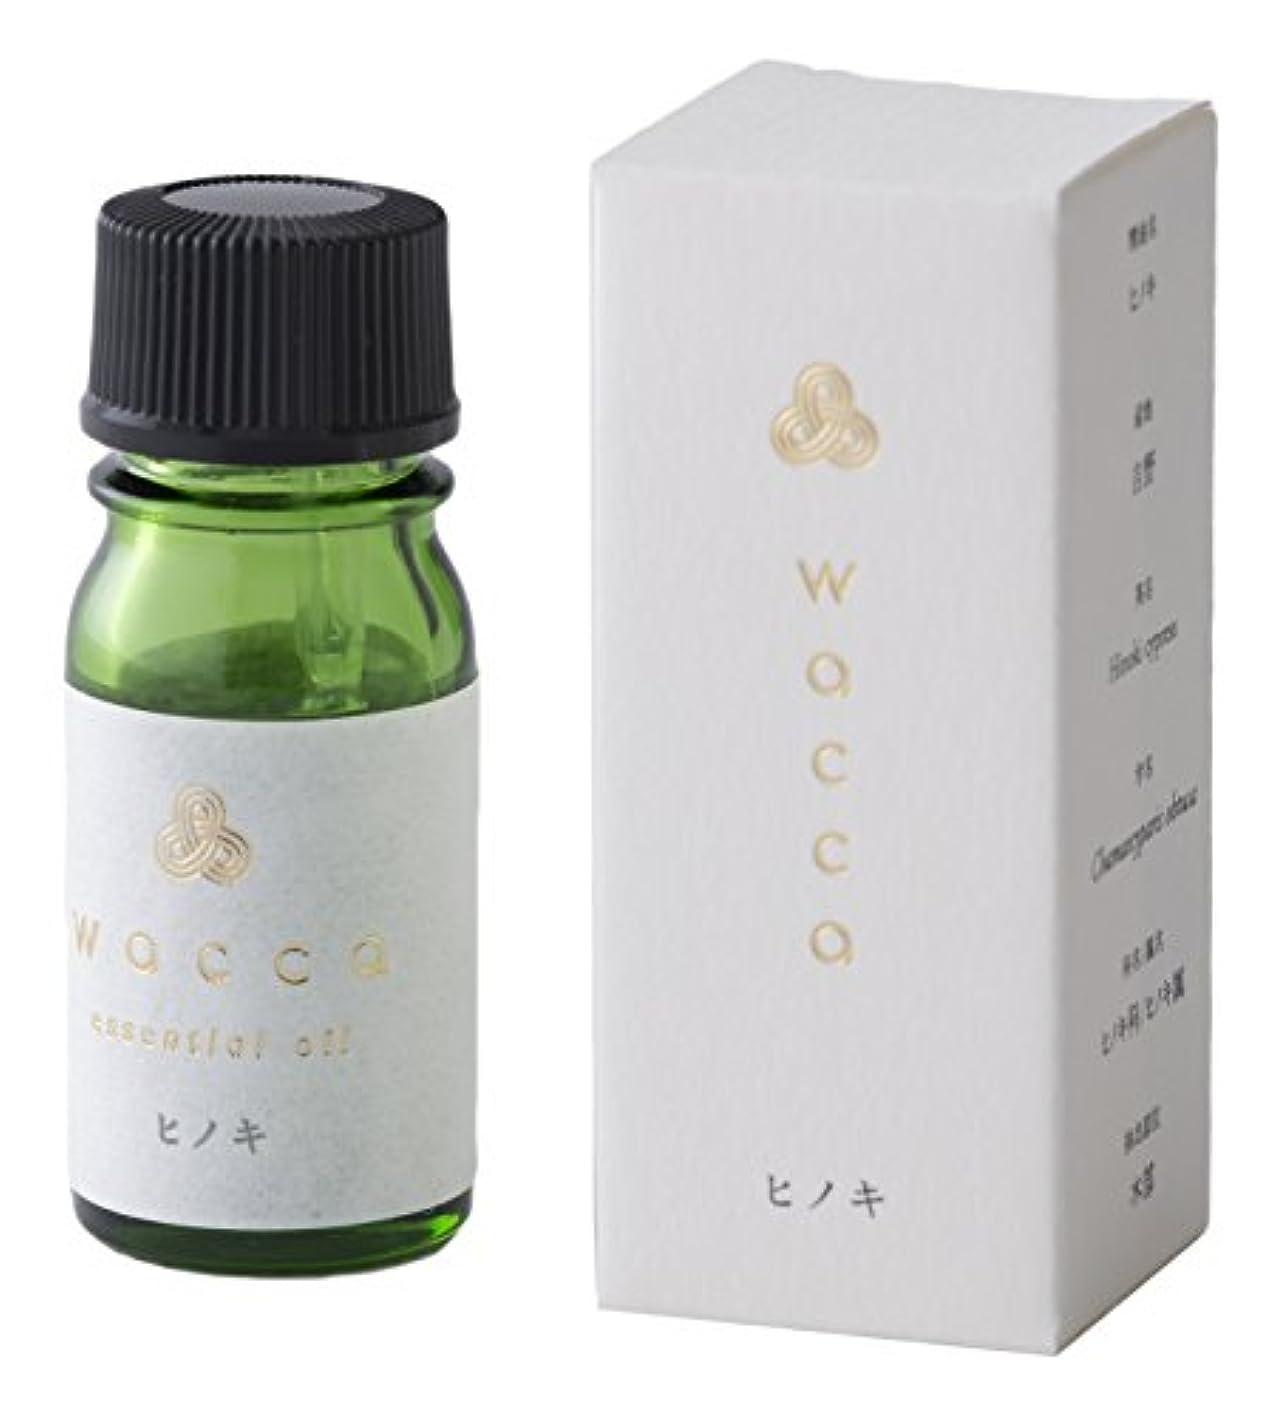 パスタ不承認恐れwacca ワッカ エッセンシャルオイル 5ml 檜 ヒノキ Hinoki cypress essential oil 和精油 KUSU HANDMADE